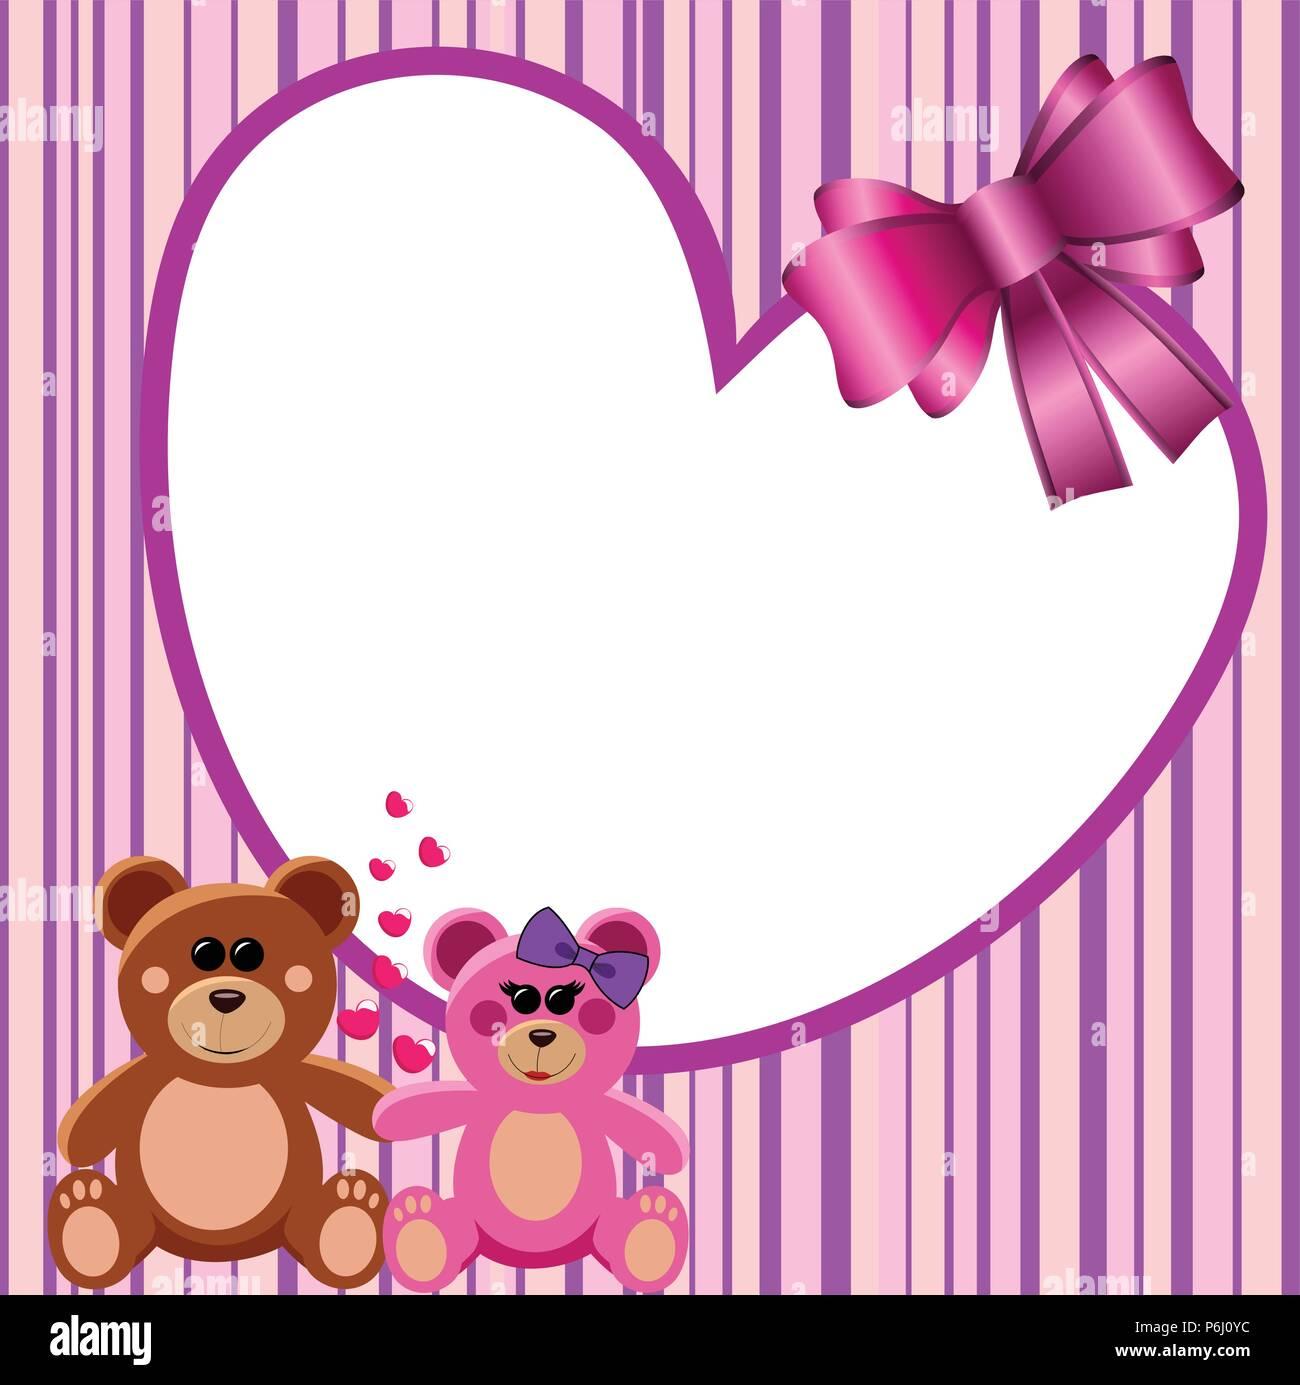 Love Heart Frame Teddy Bears Stock Vector Art & Illustration, Vector ...